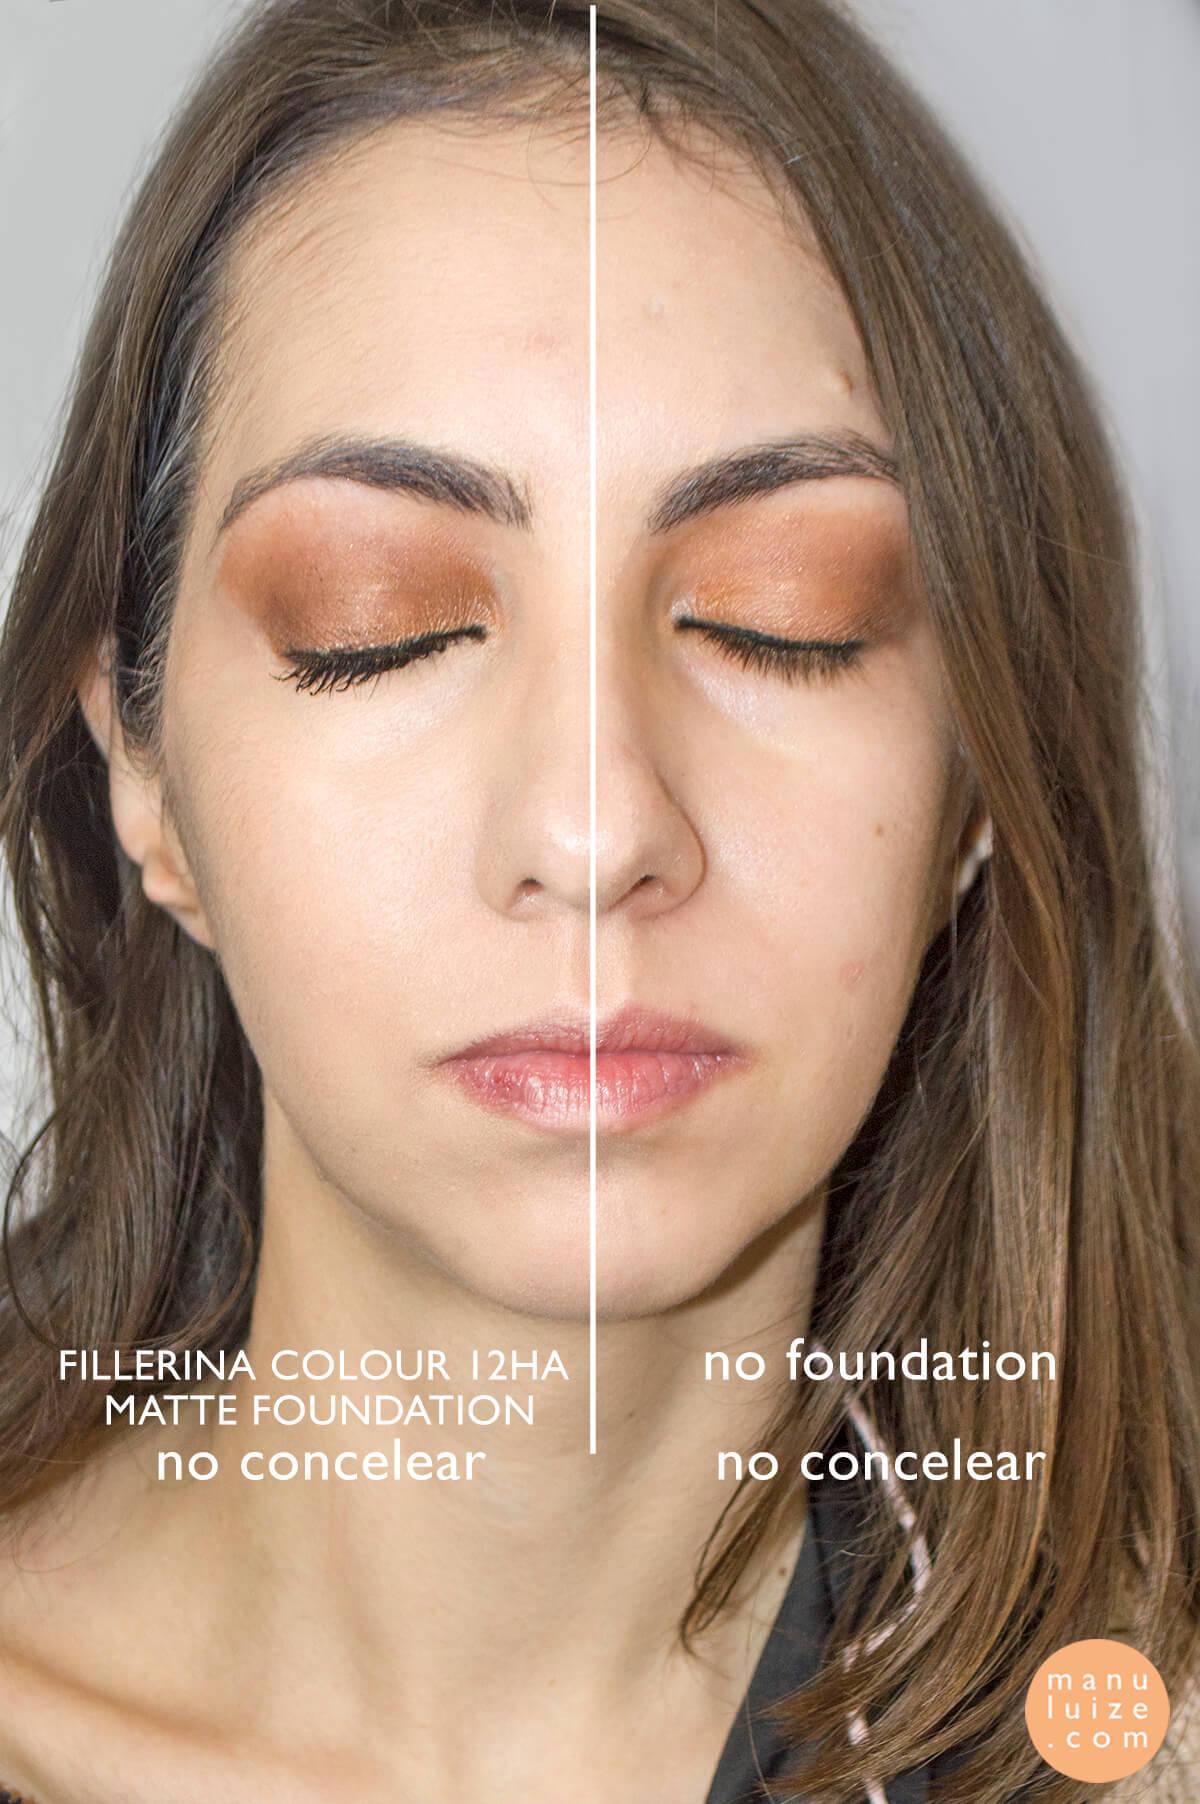 Fillerina Foundation 12 HA